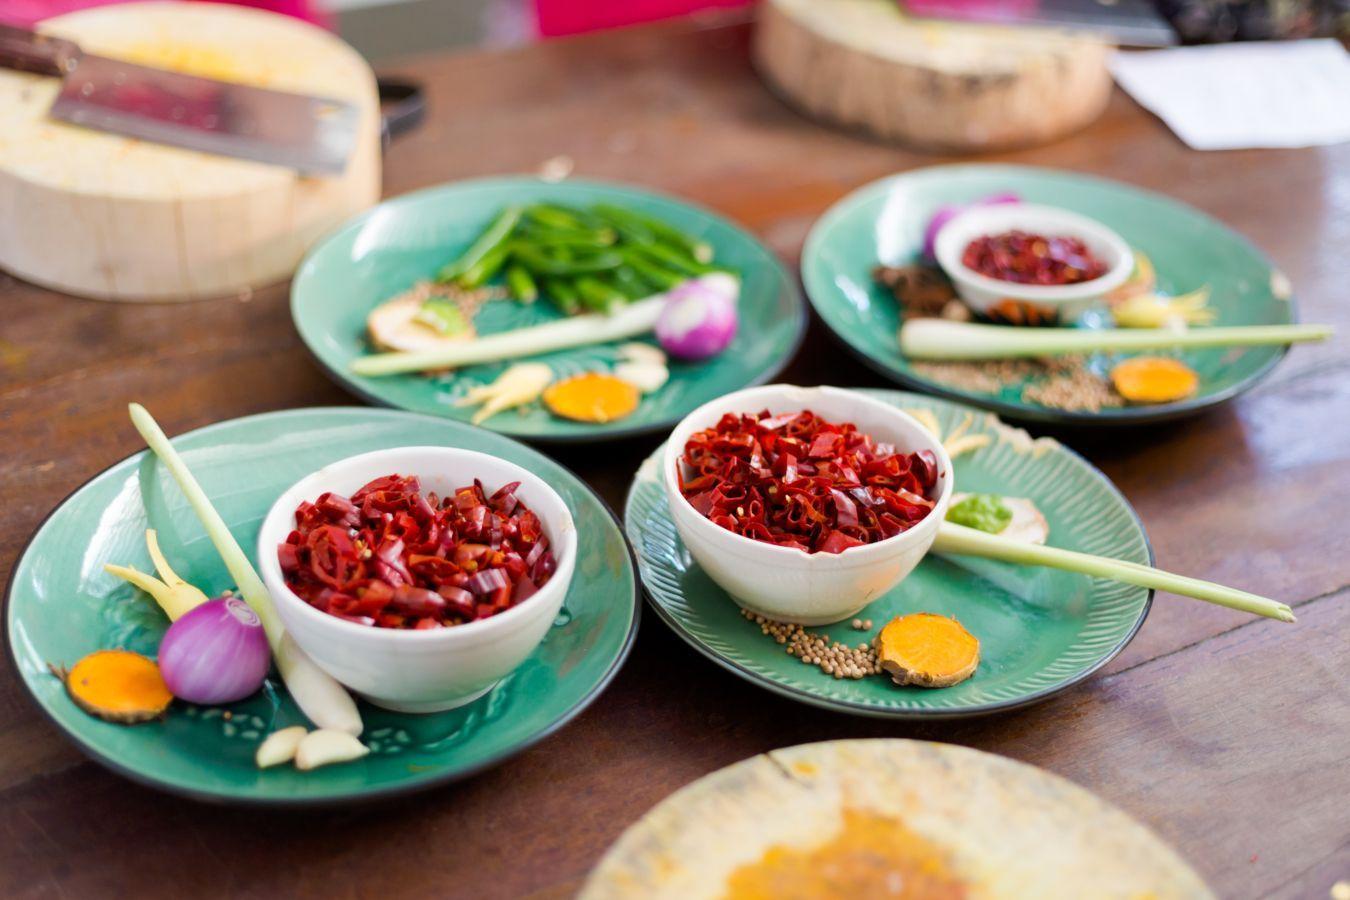 Cursos de cocina en Chiang Mai, aprende a elegir el mejor para ti | Gastronomadistas